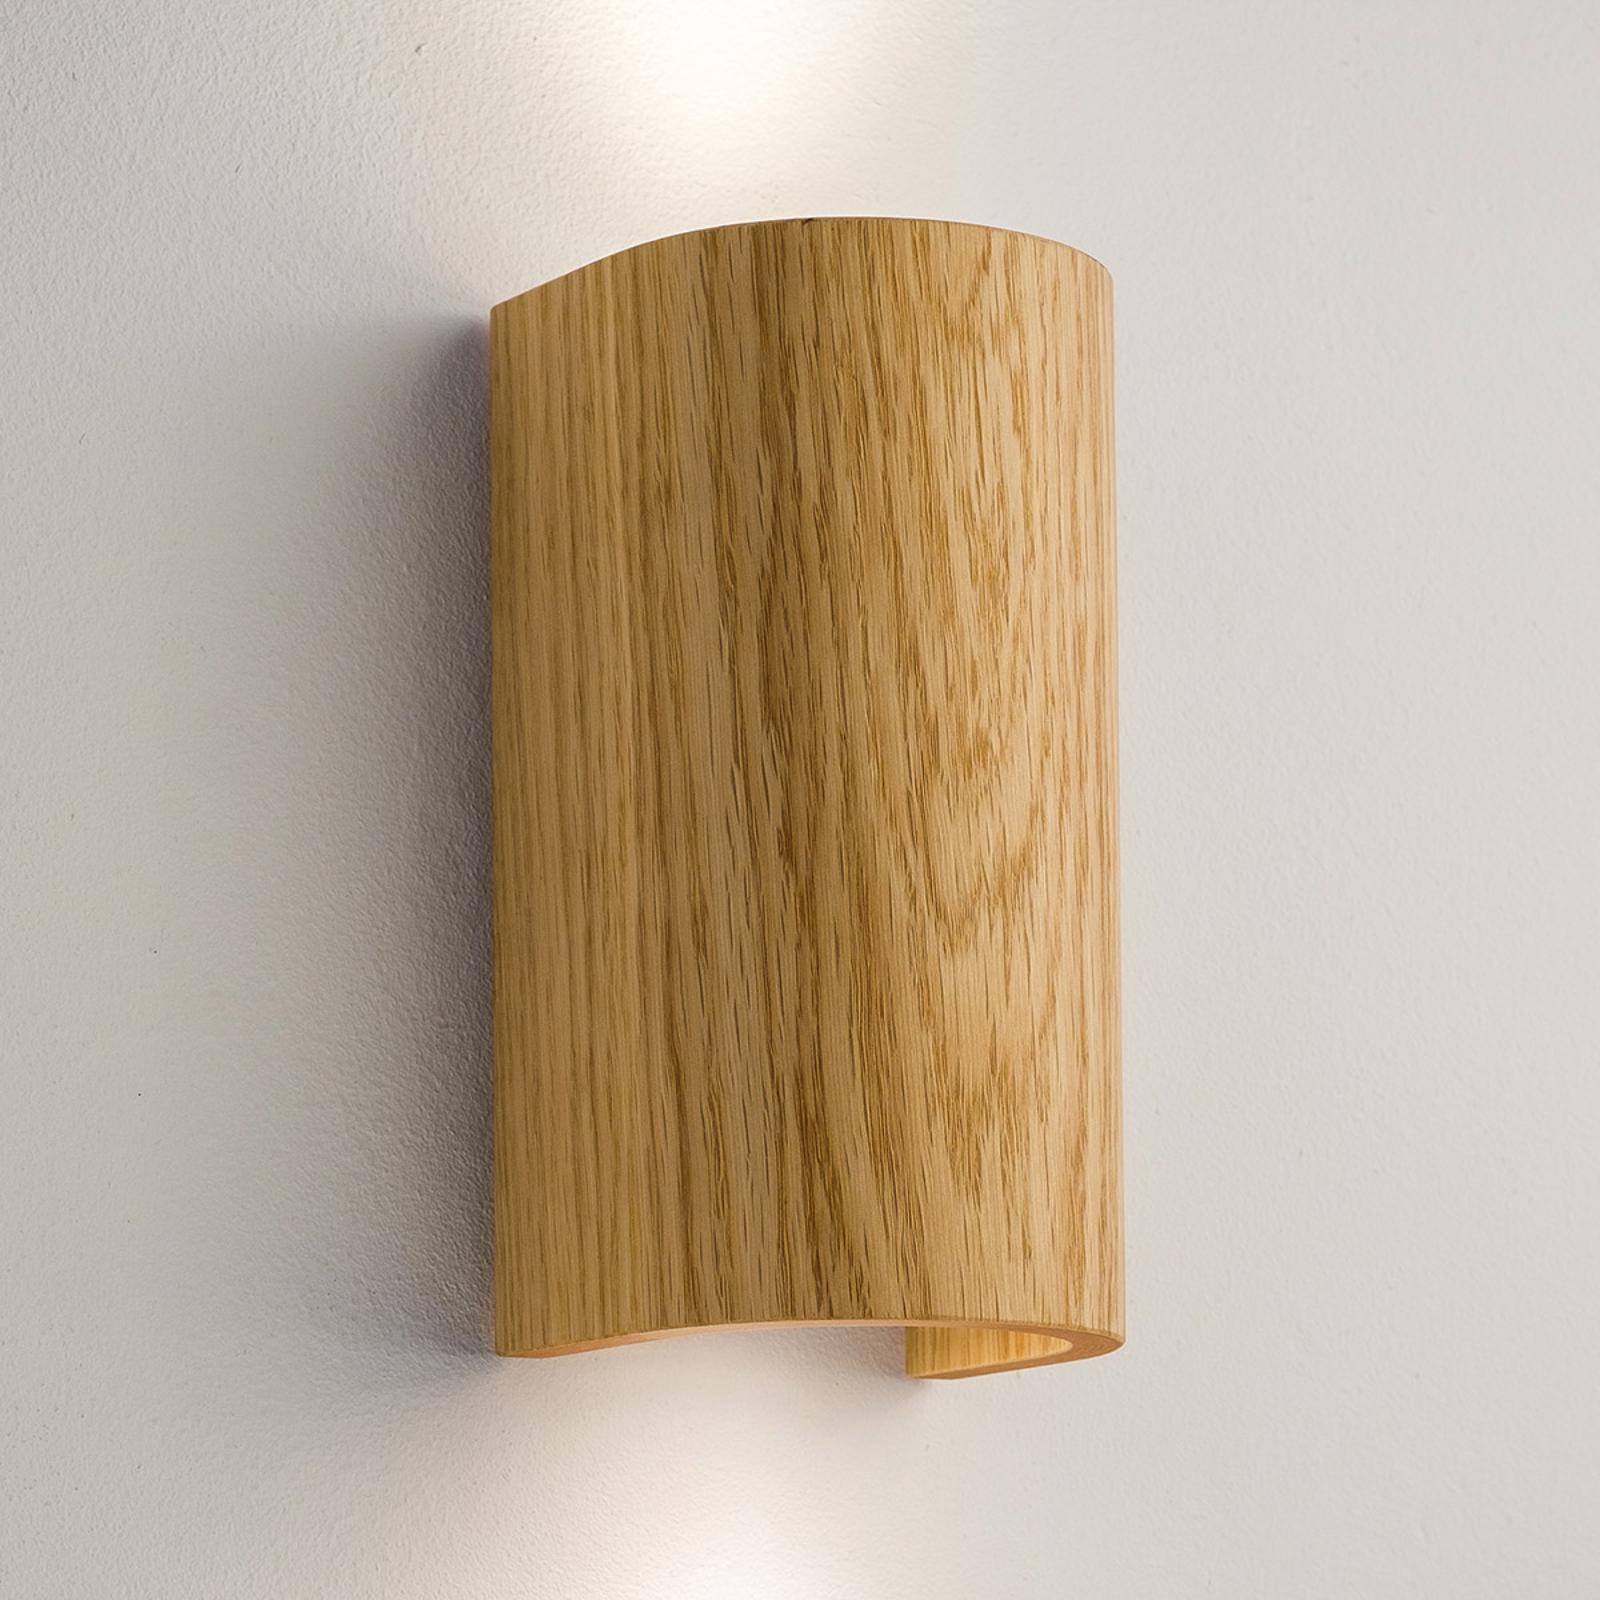 Tube væglampe, eg, 17,5 cm